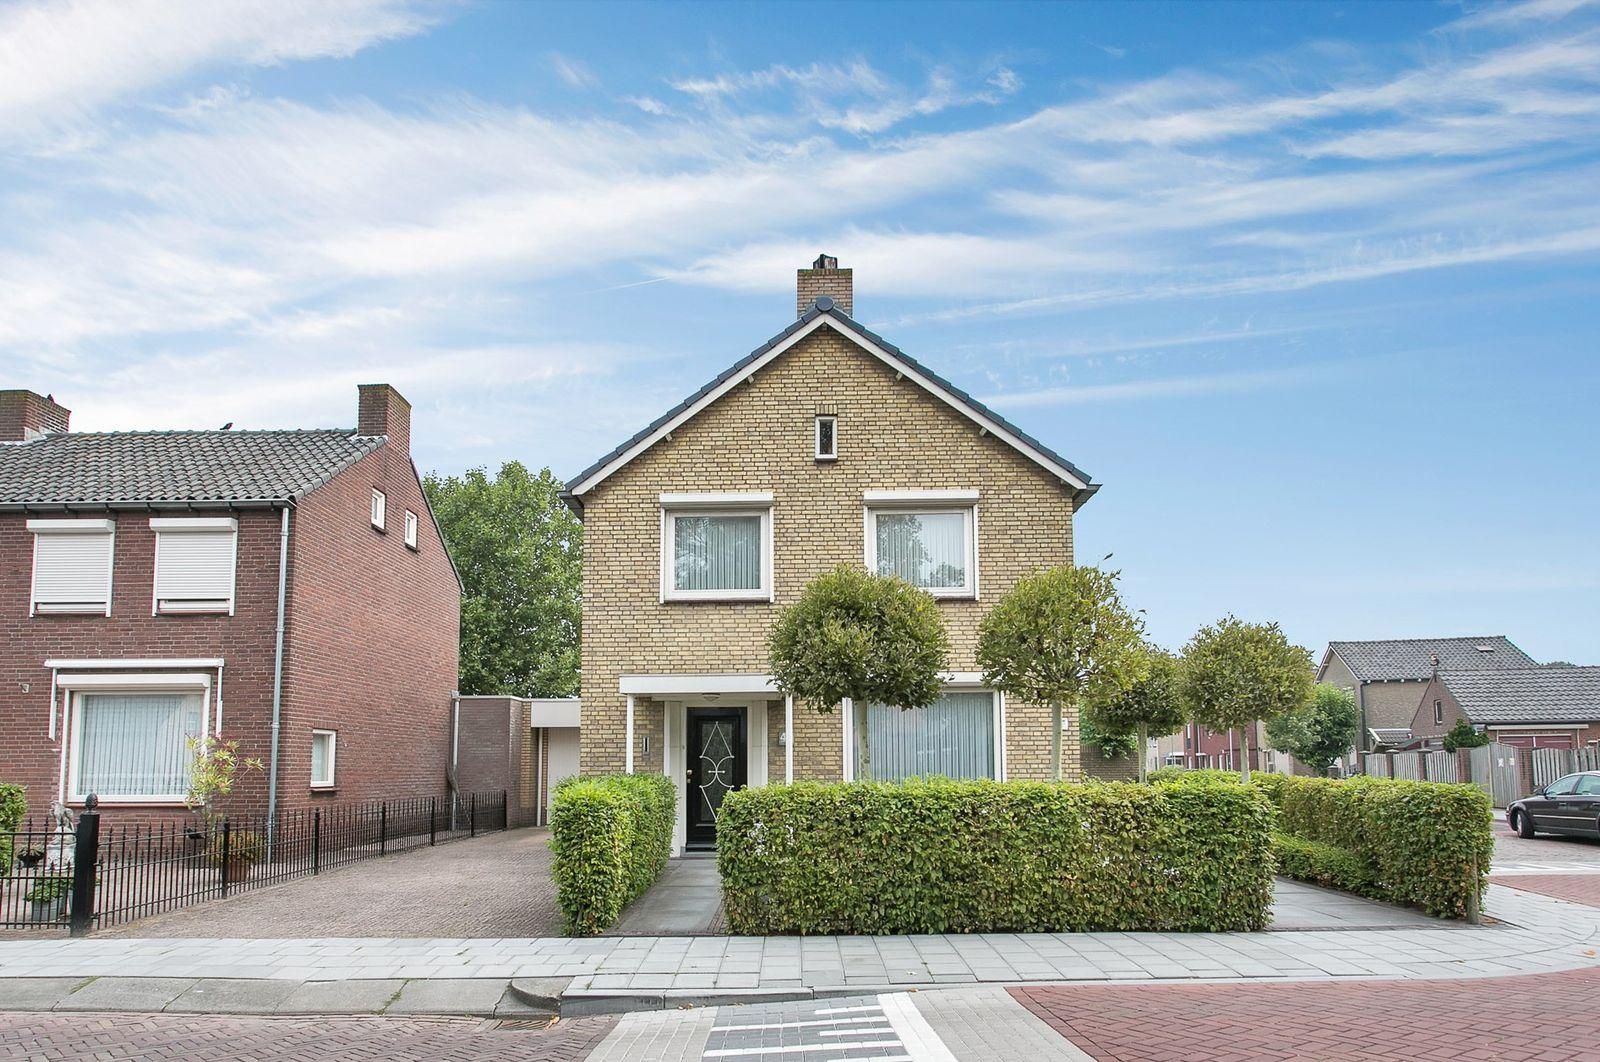 Burgemeester van Campenhoutstraat 40, Made